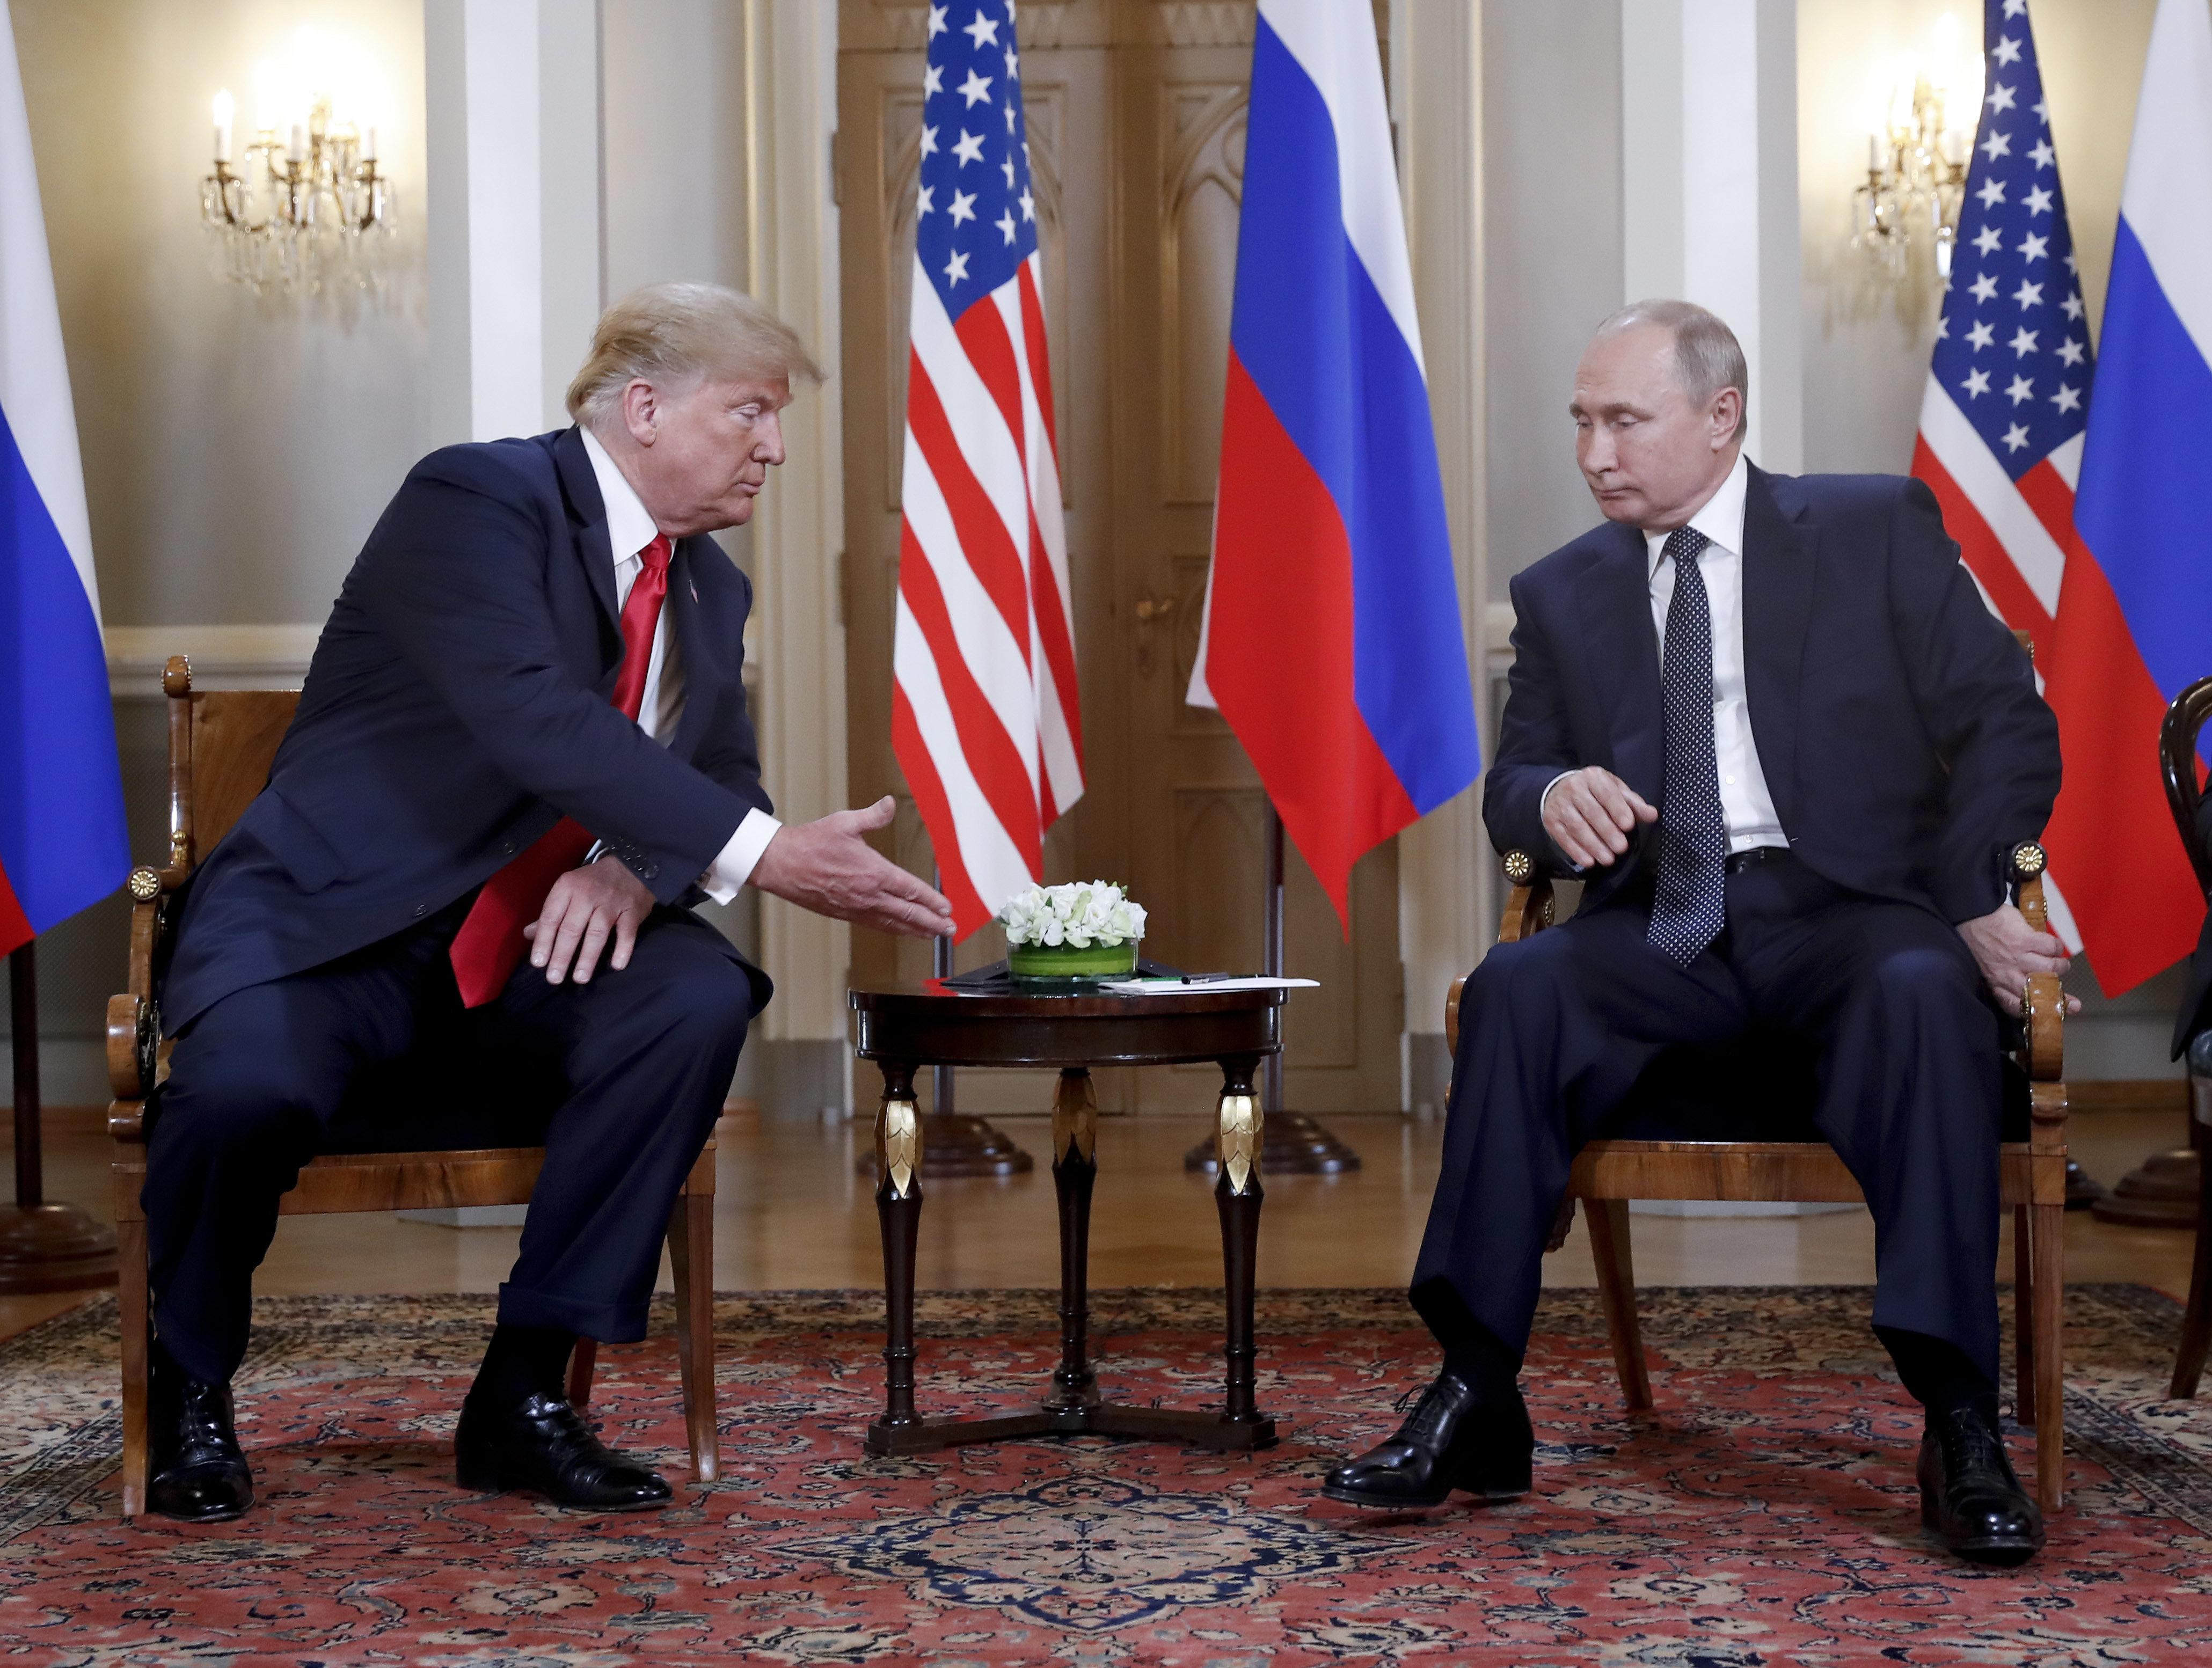 Τηλεφωνική συνομιλία Τραμπ-Πούτιν για την πιθανότητα νέας πυρηνικής